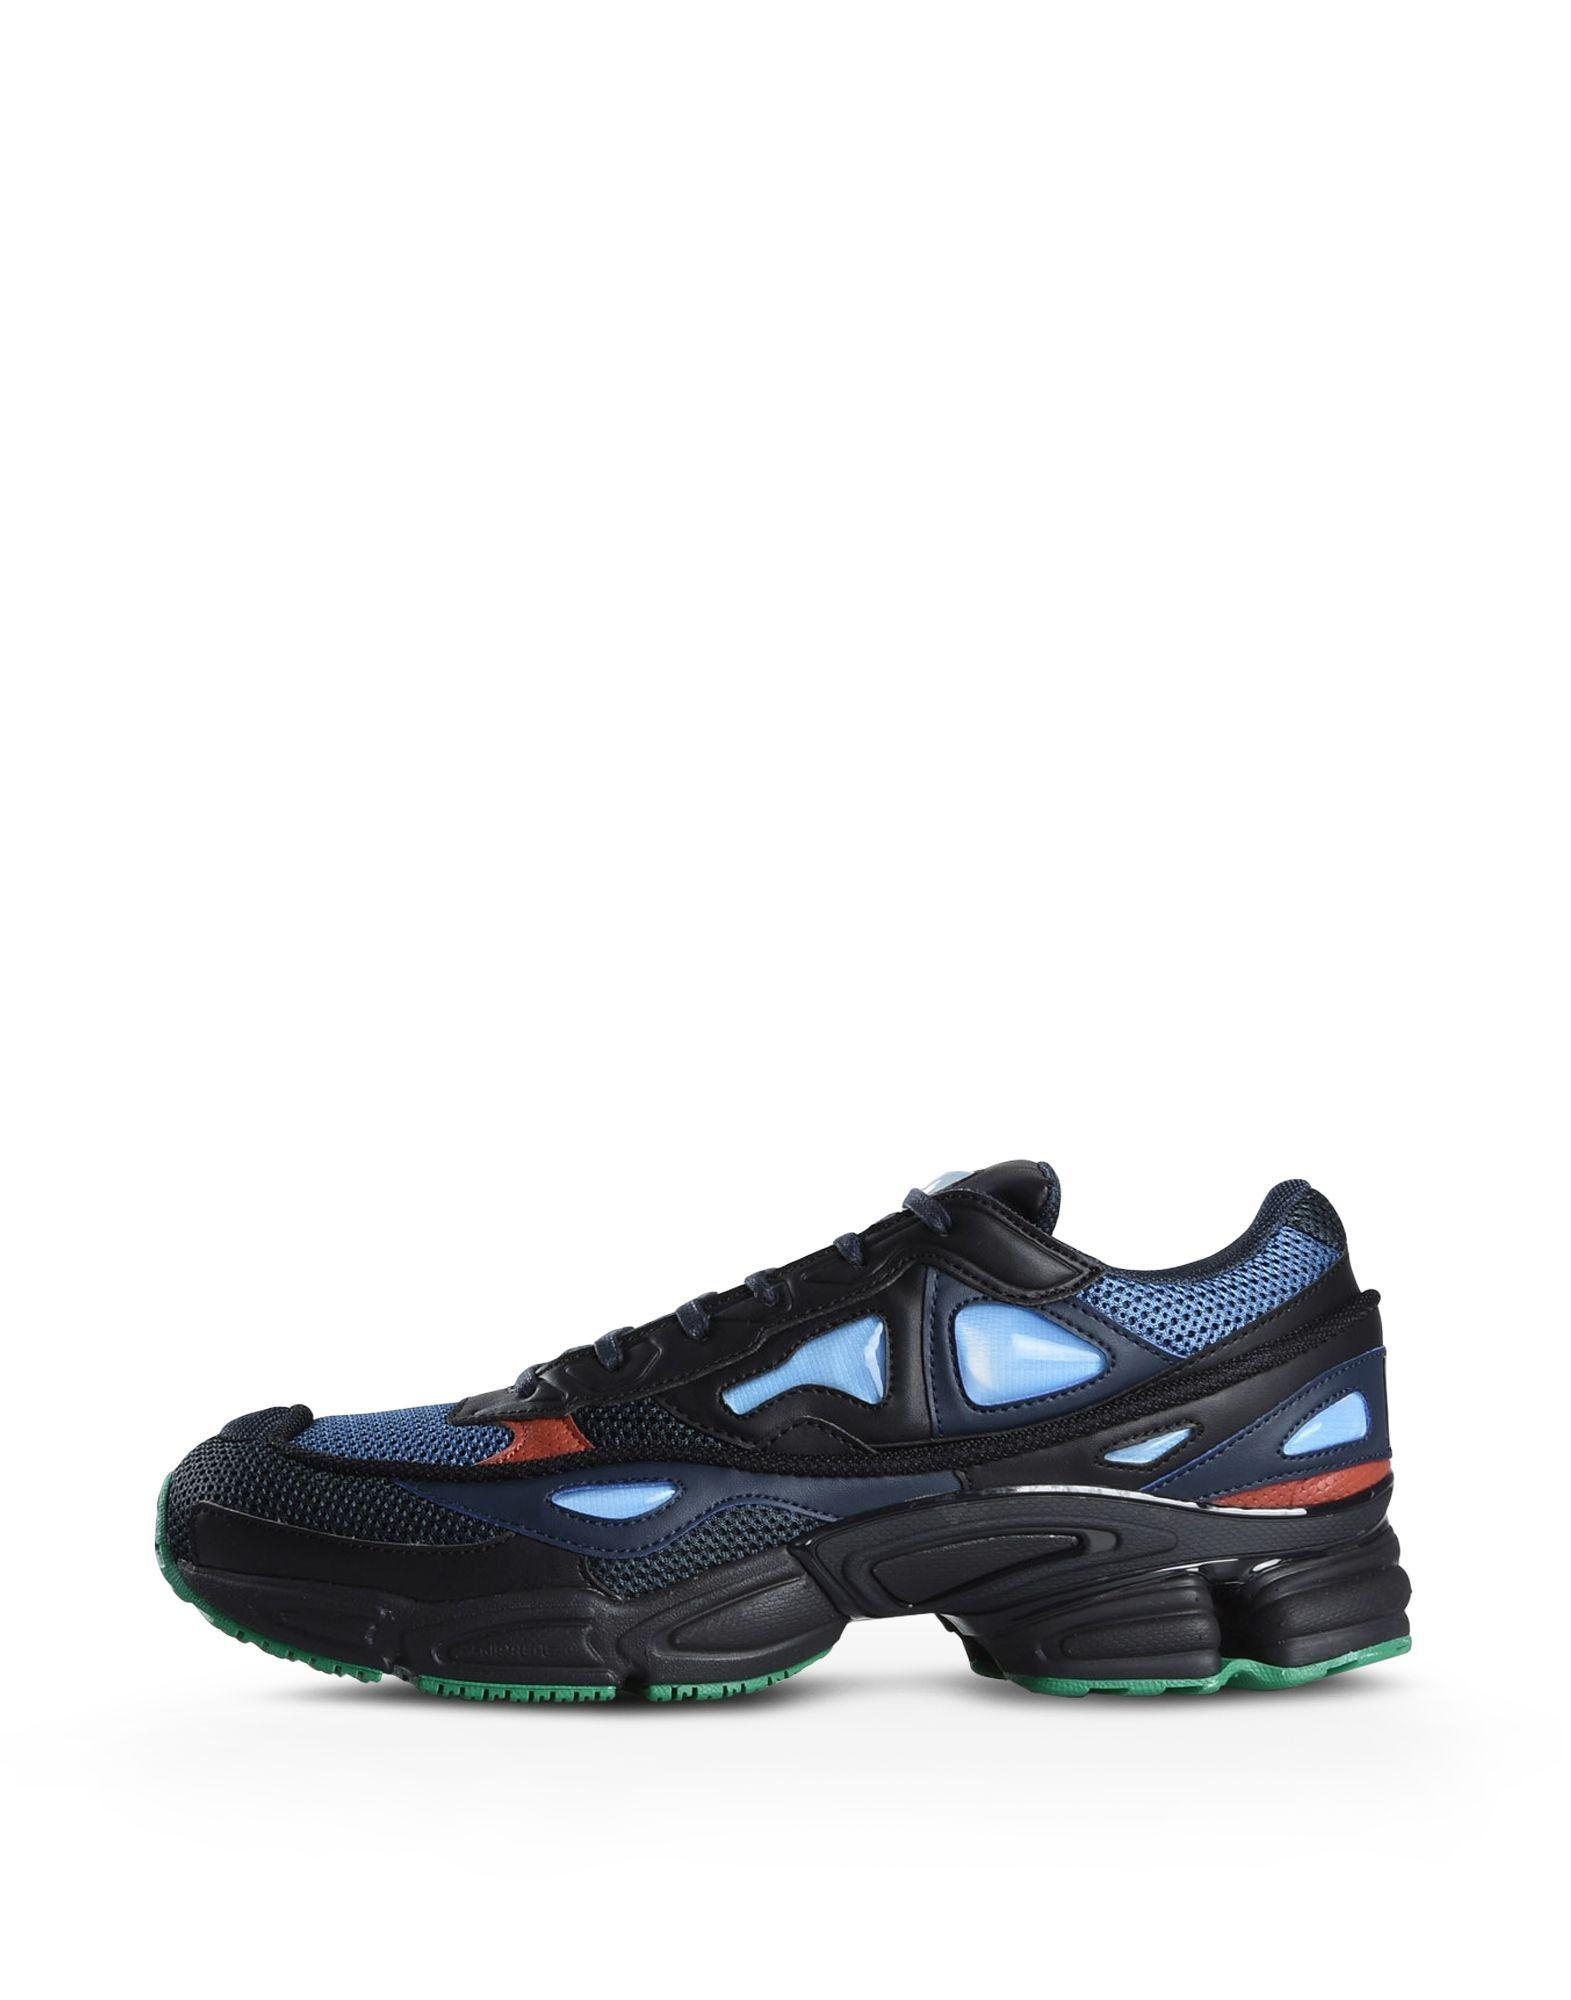 adidas hoge schoenen met bont